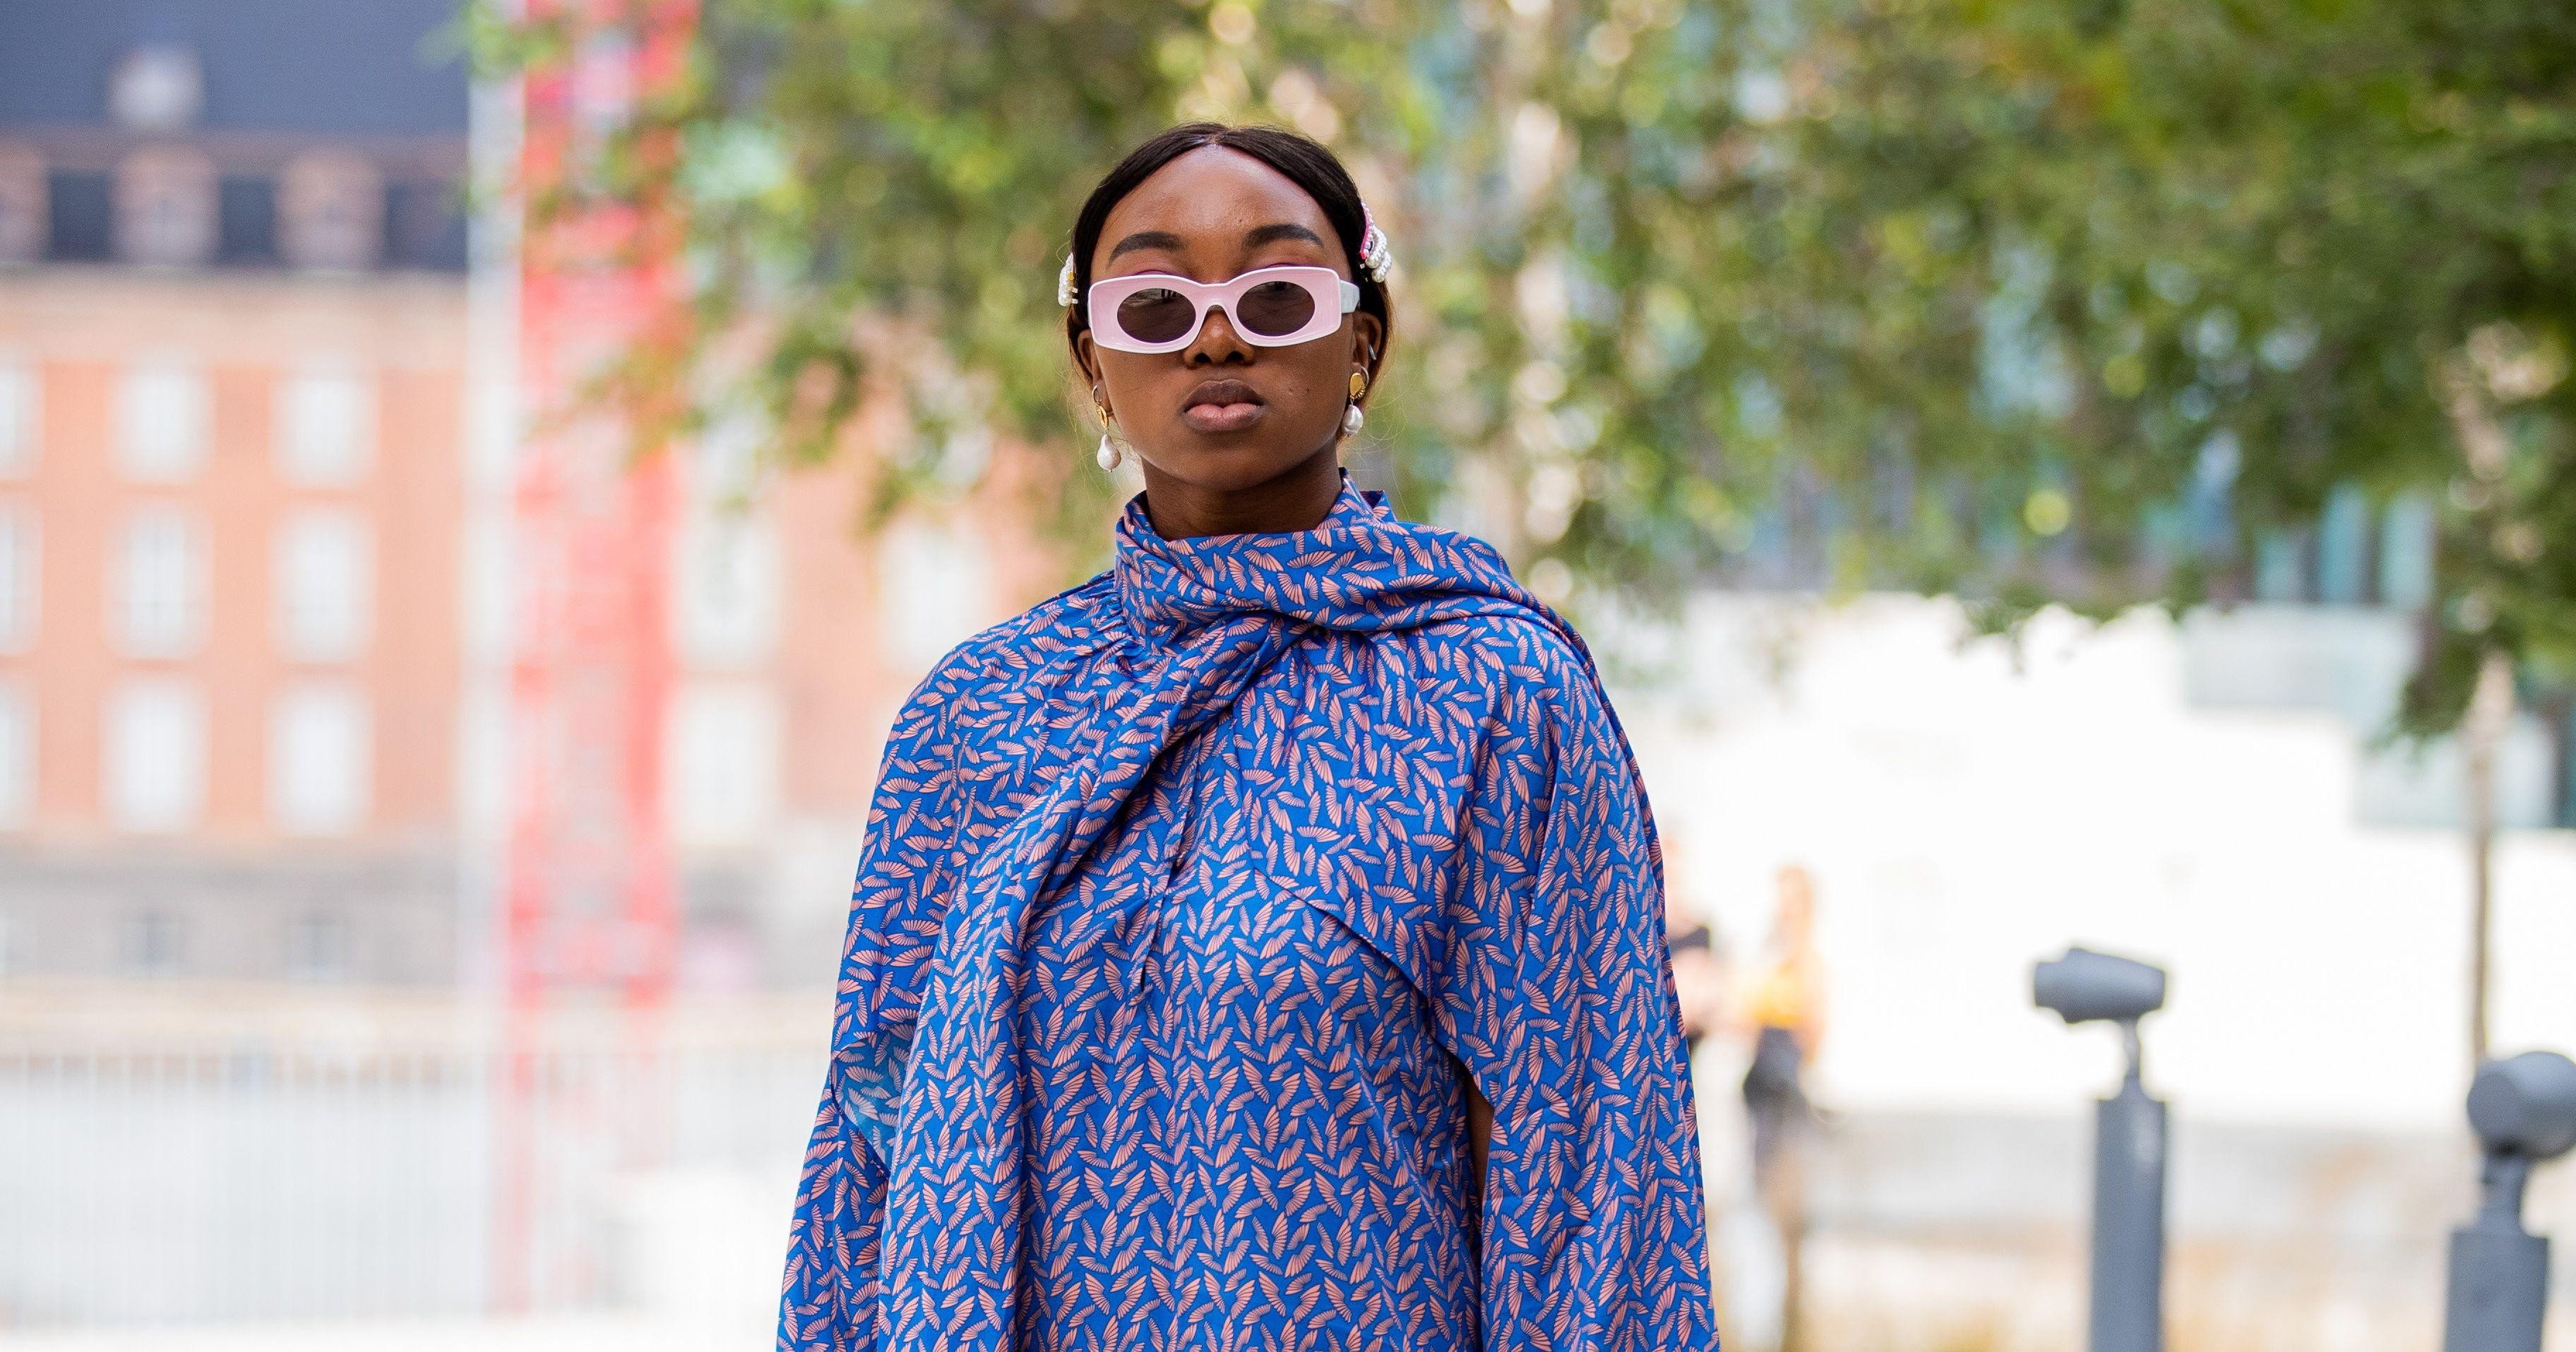 The More, The Merrier est le thème officiel du style de rue de la Fashion Week de Copenhague